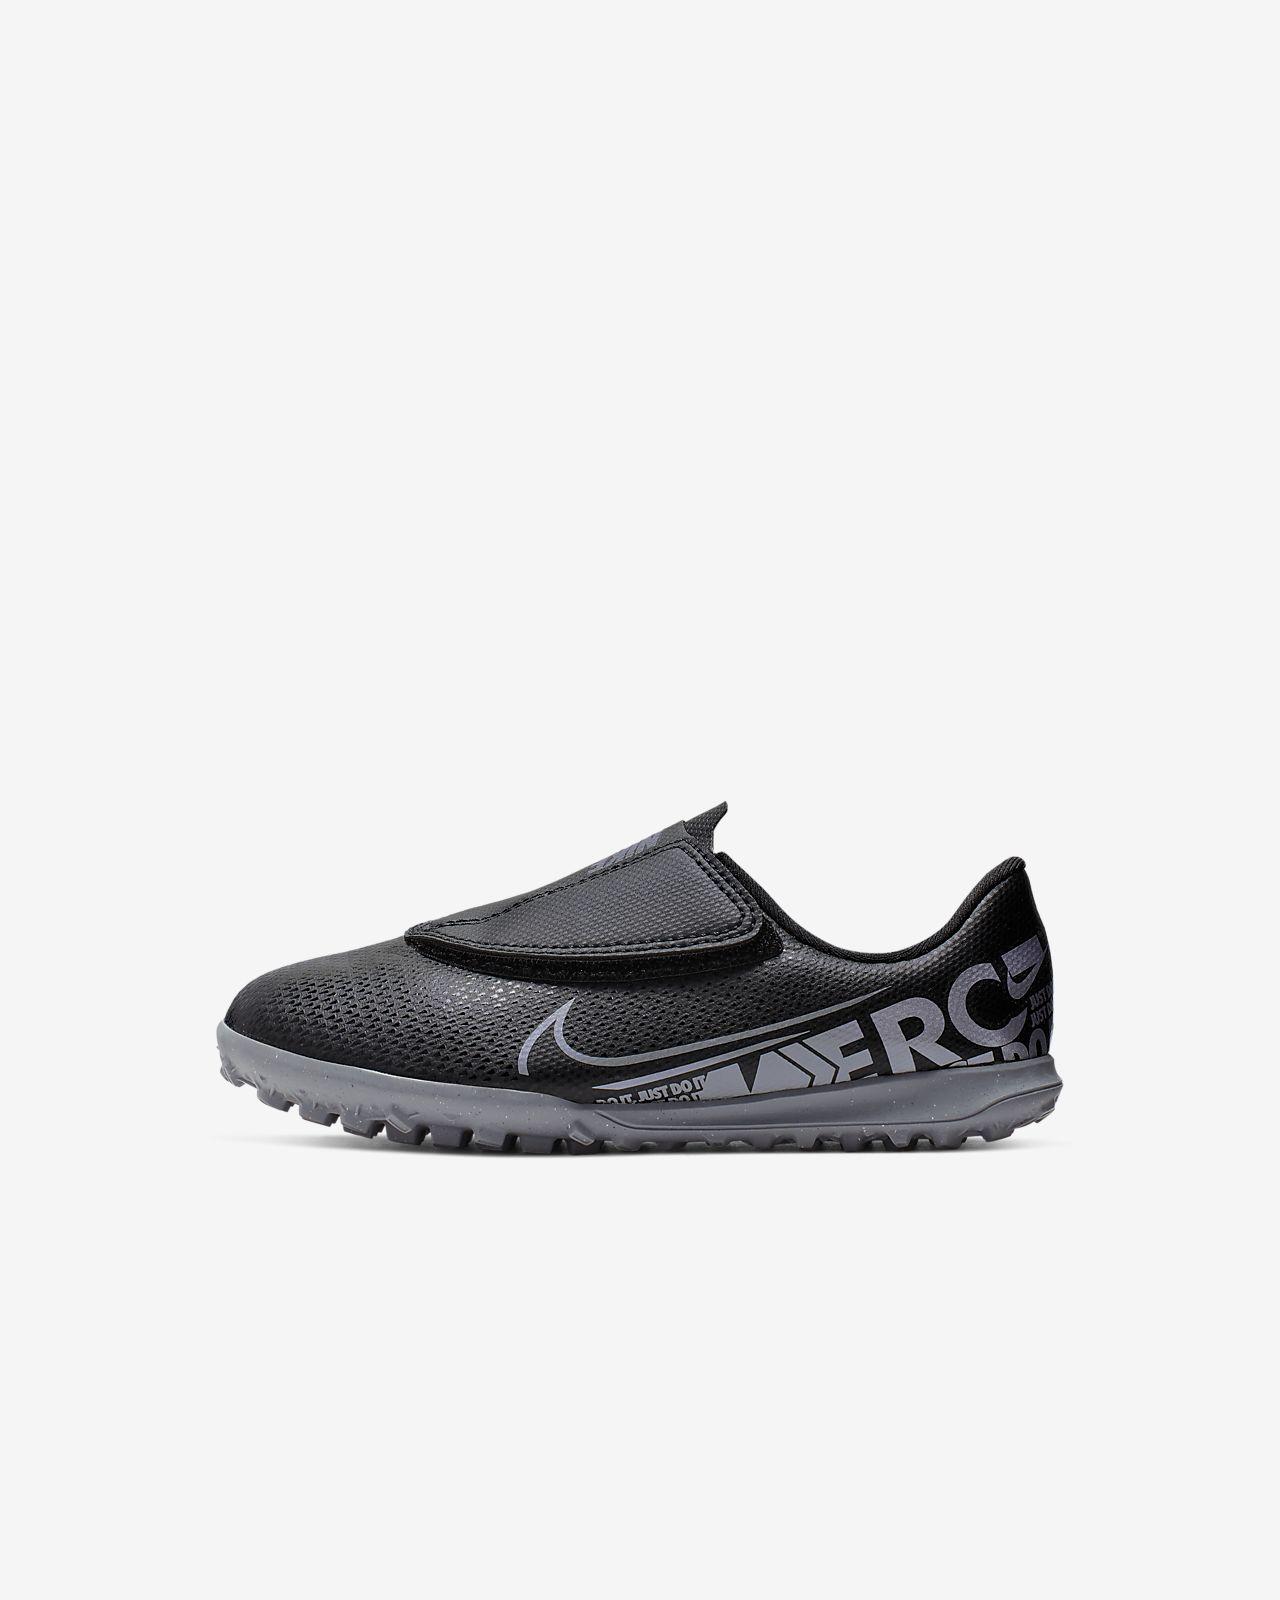 Fotbollssko för konstgräs Nike Jr. Mercurial Vapor 13 Club TF för baby/små barn